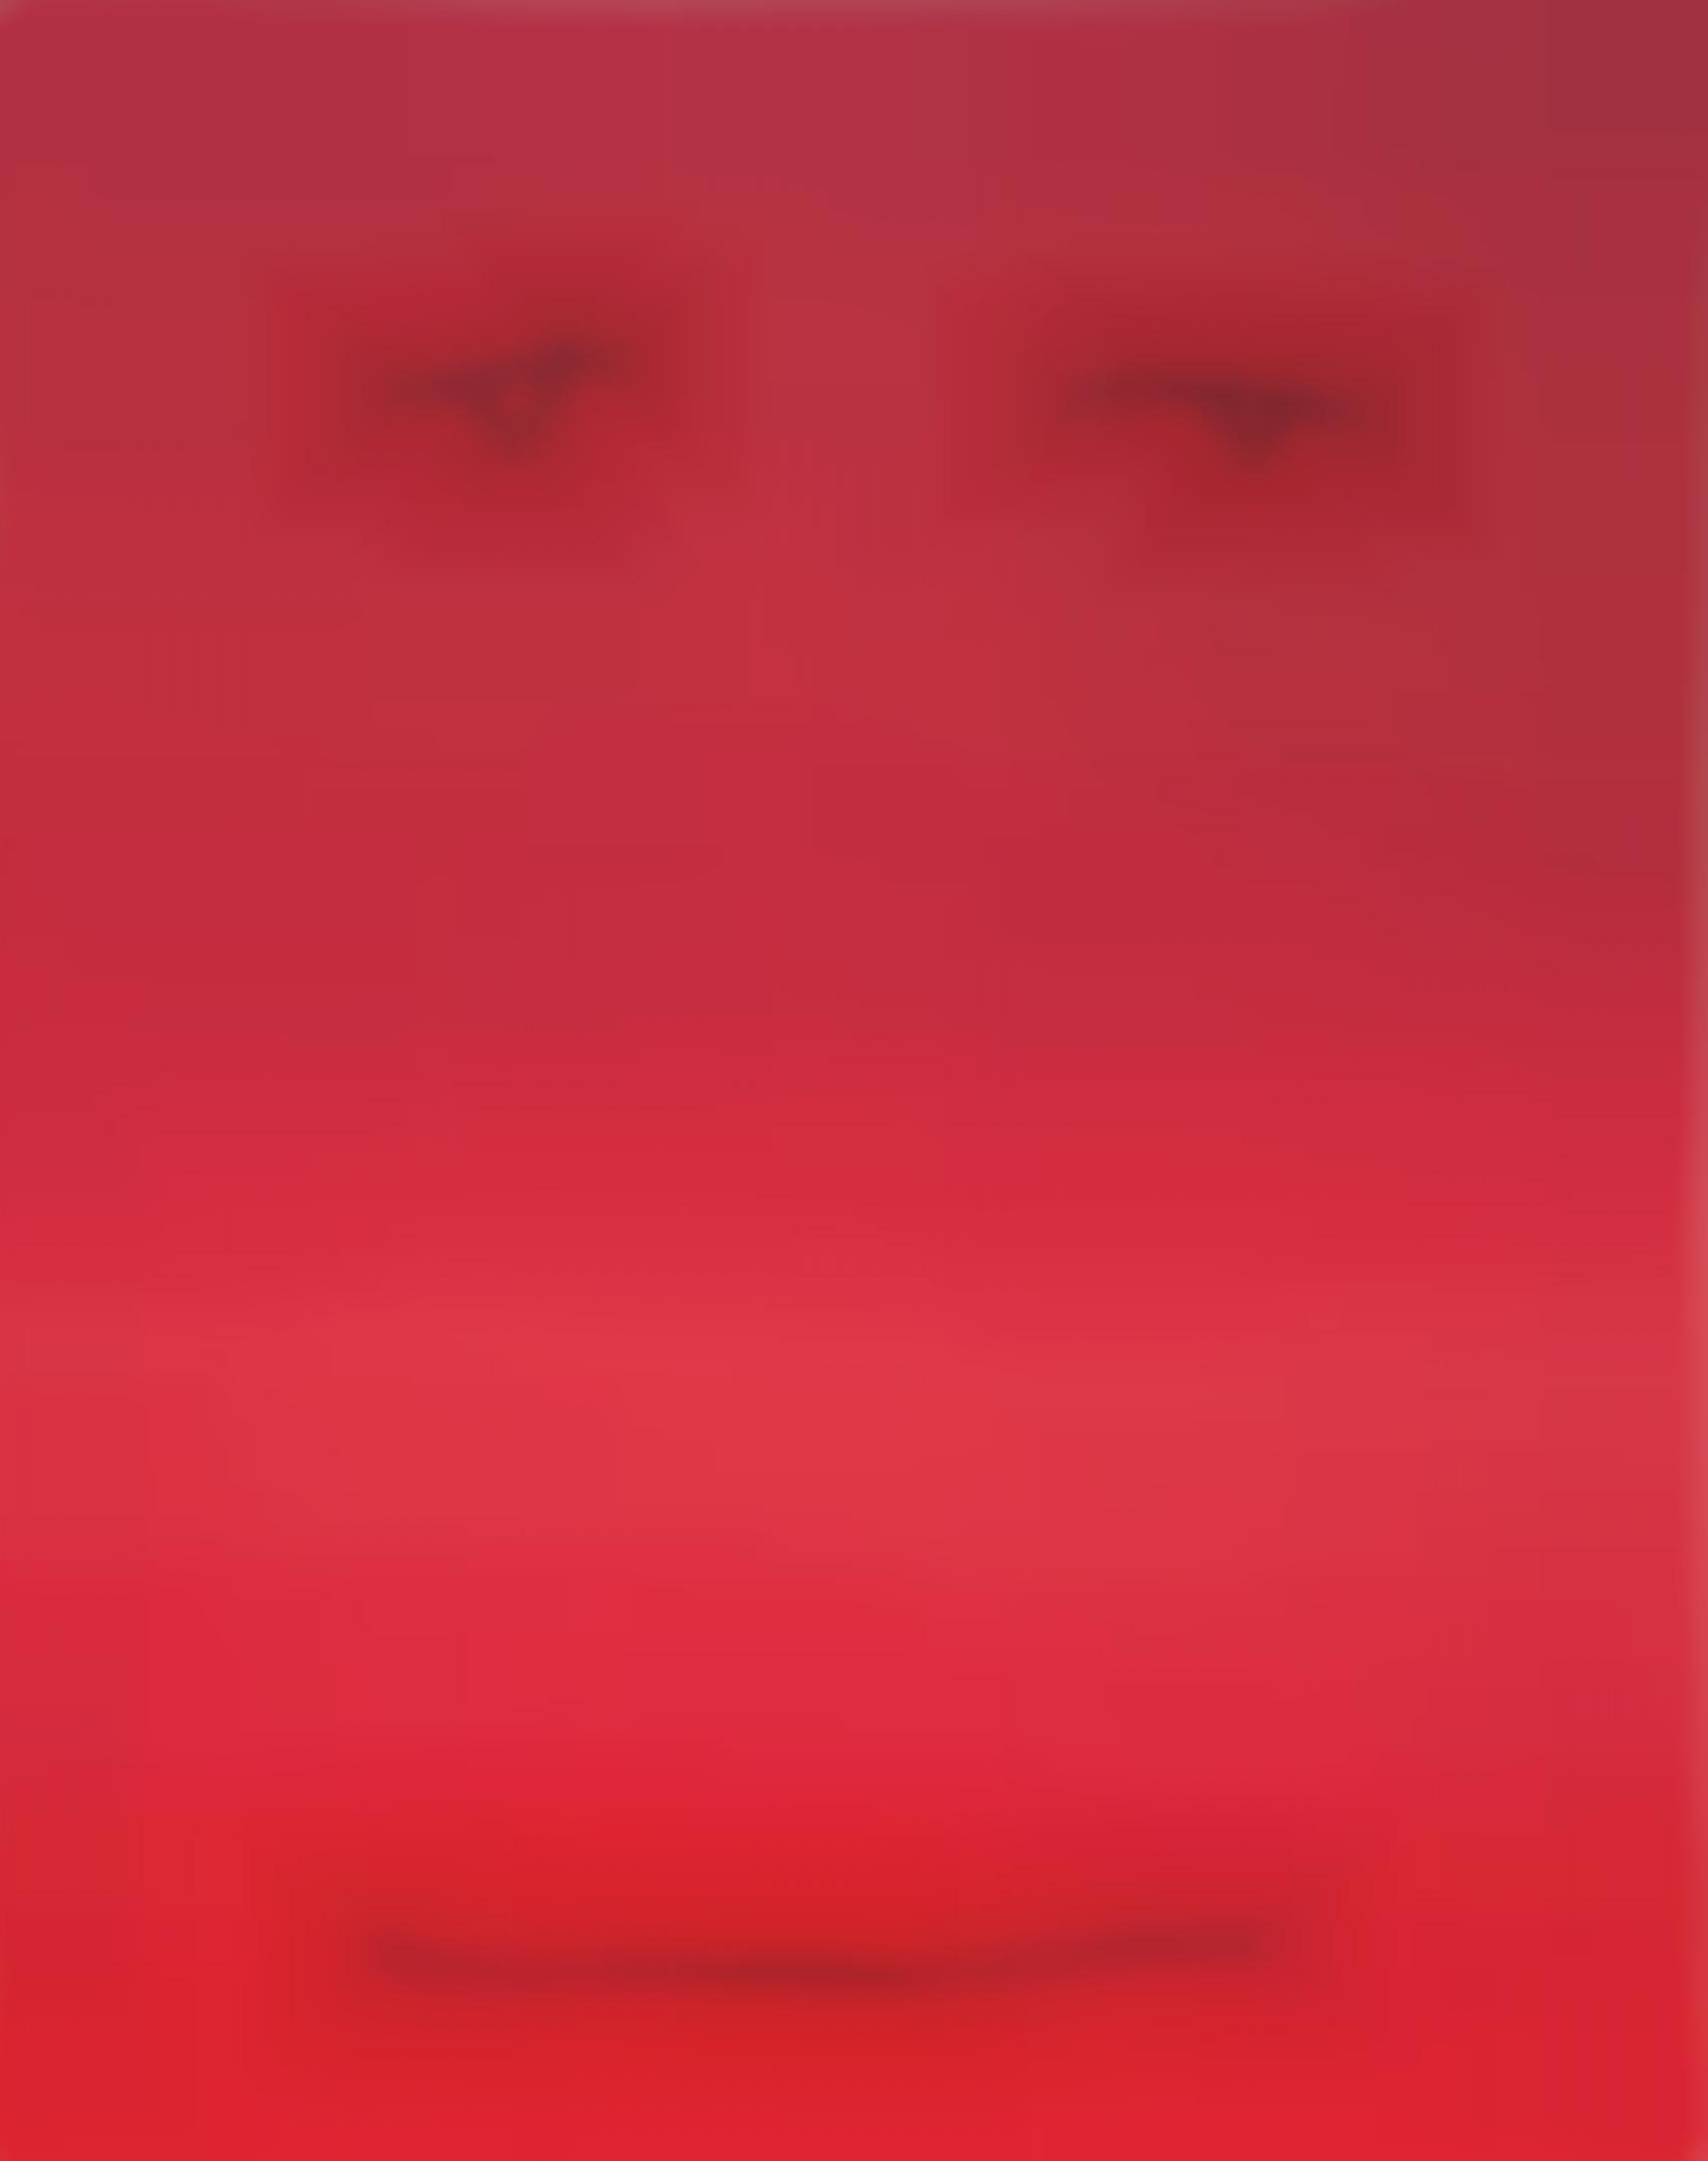 Rob Pruitt-Kill Me-2012